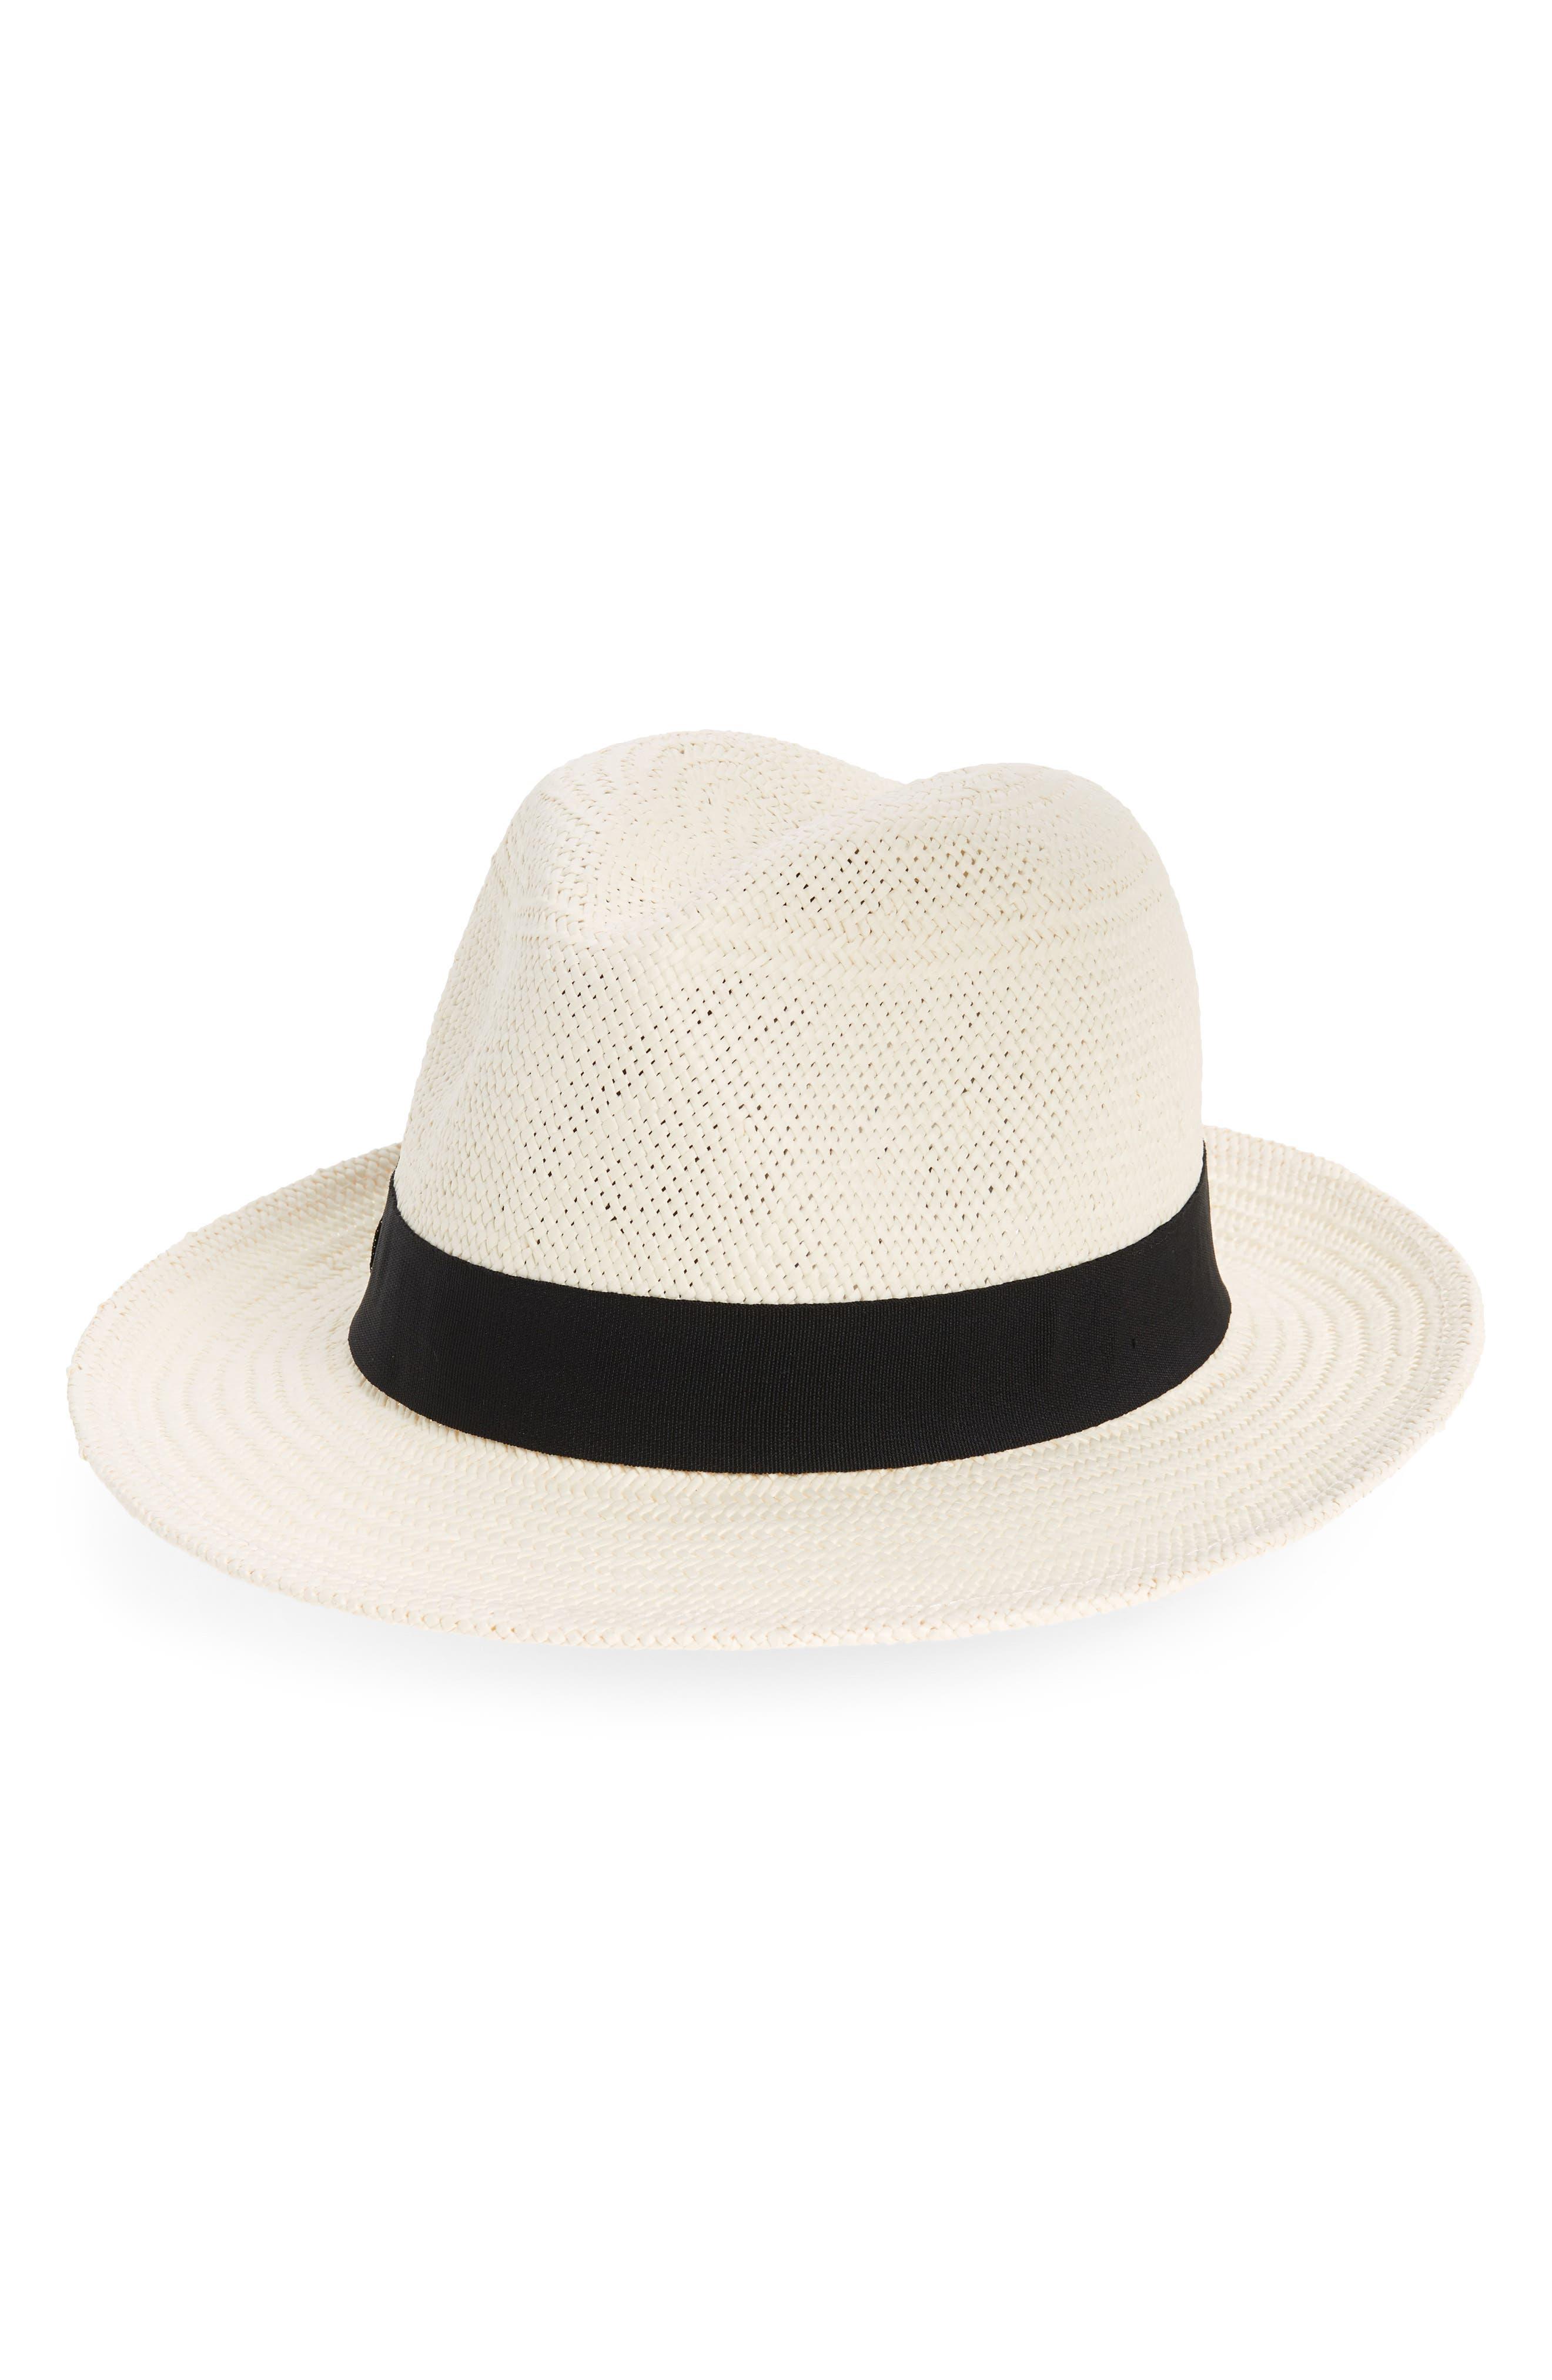 HALOGEN<SUP>®</SUP>, Straw Panama Hat, Main thumbnail 1, color, 900